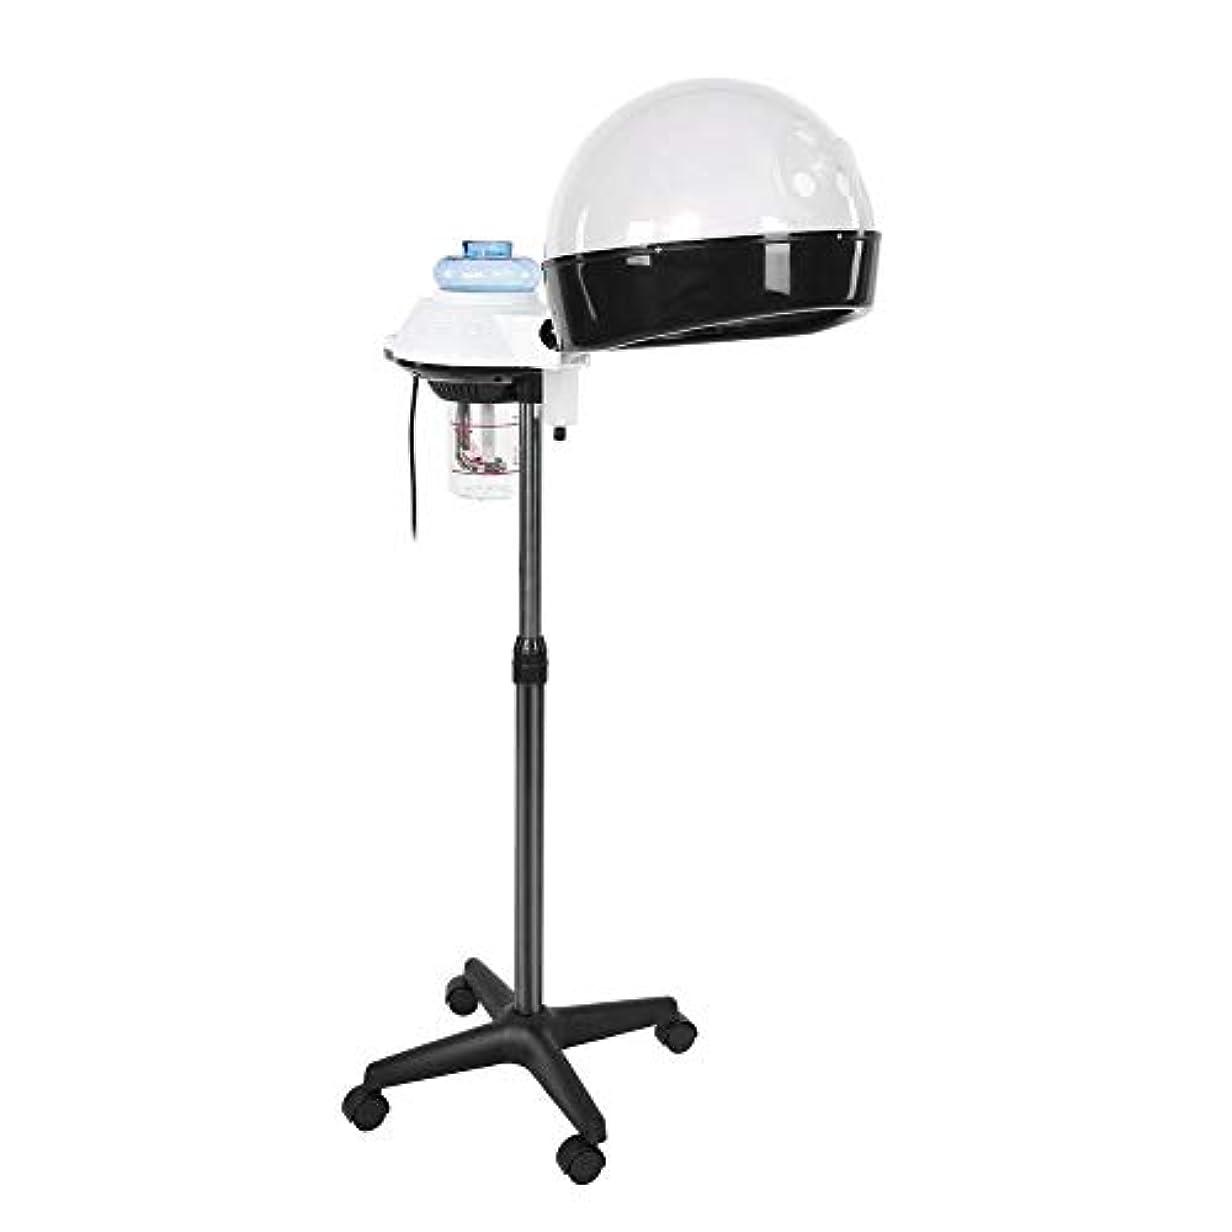 機会罰キャリアヘア 加湿器 パーソナルケア用のデザイン ホットミストオゾンヘアセラピー美容機器 個人用家庭用 (US)